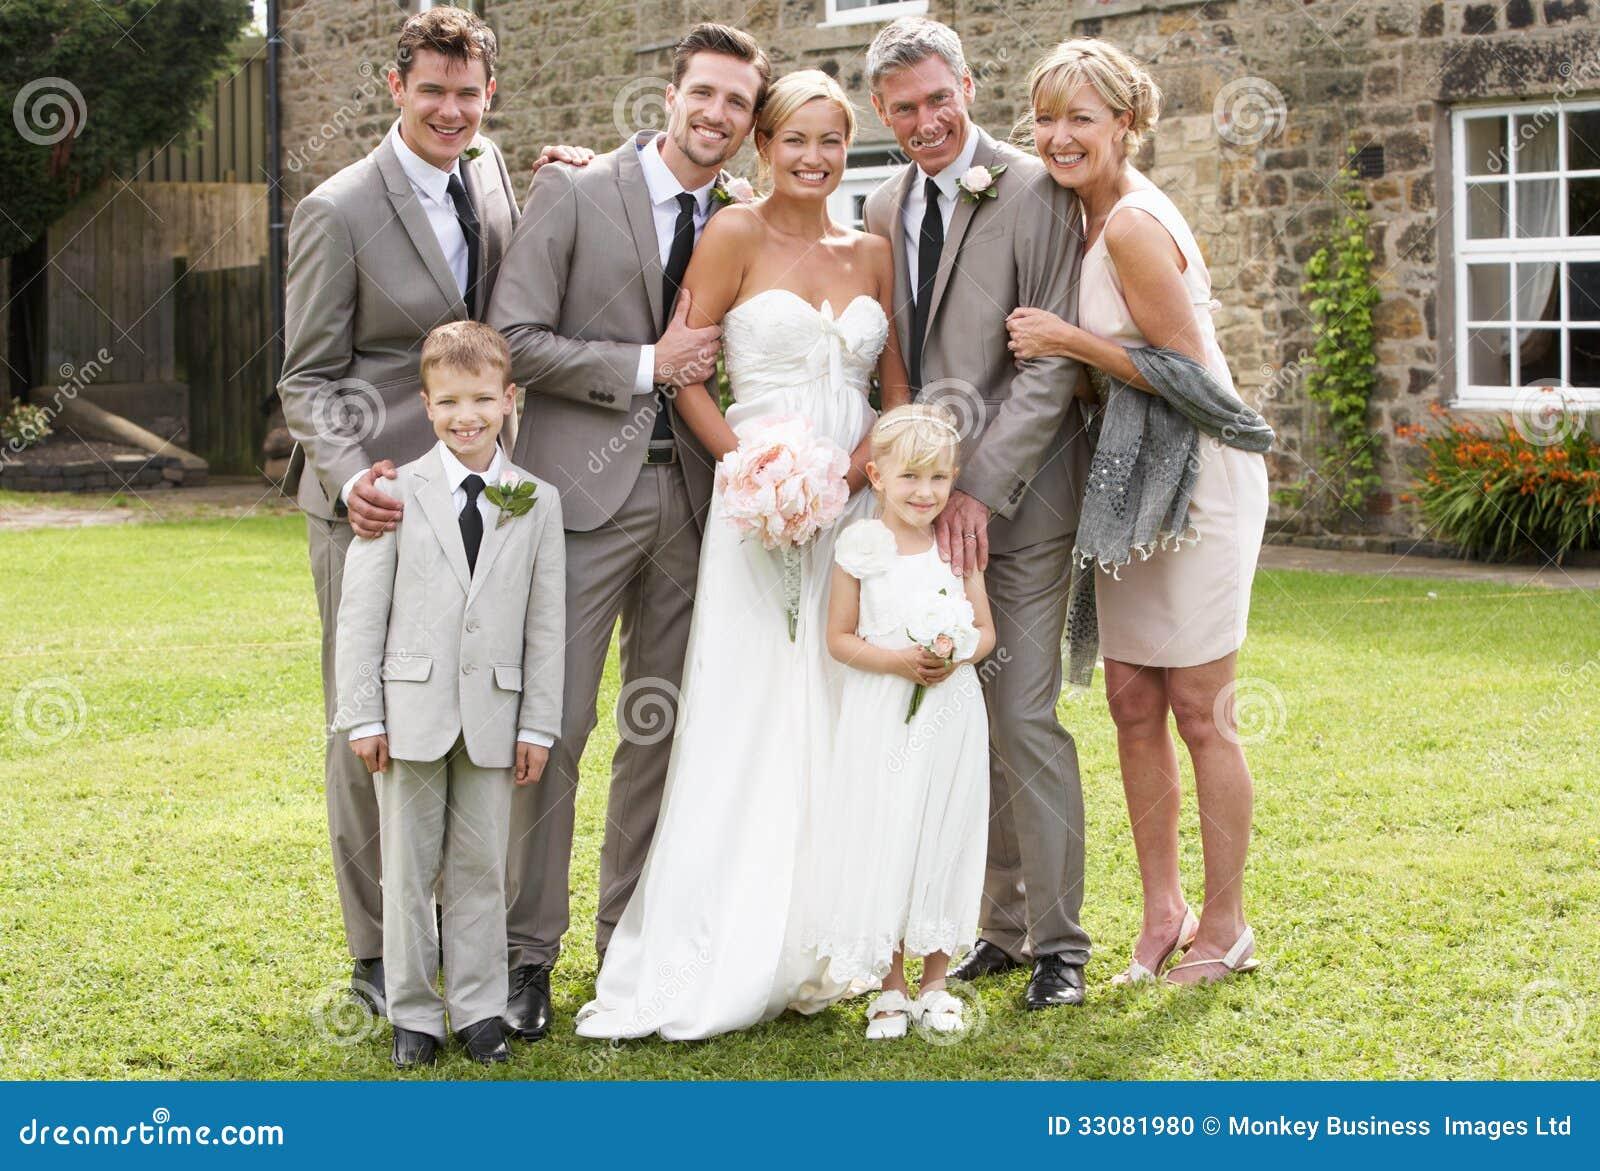 Populaire Groupe De Famille Au Mariage Photo stock - Image: 33081980 DW55